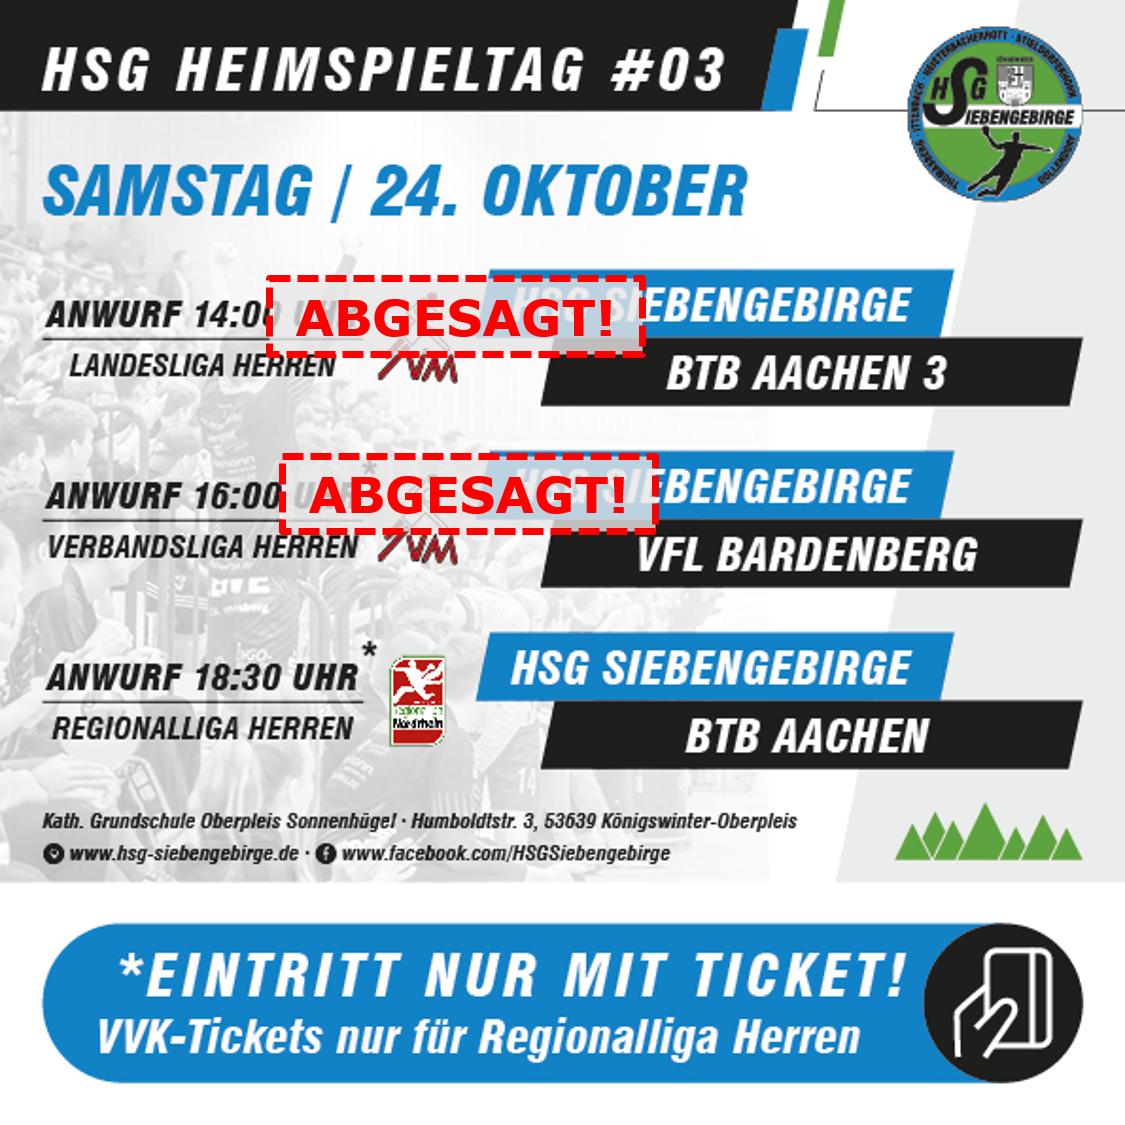 HSG Heimspieltag 3 Absage HVM